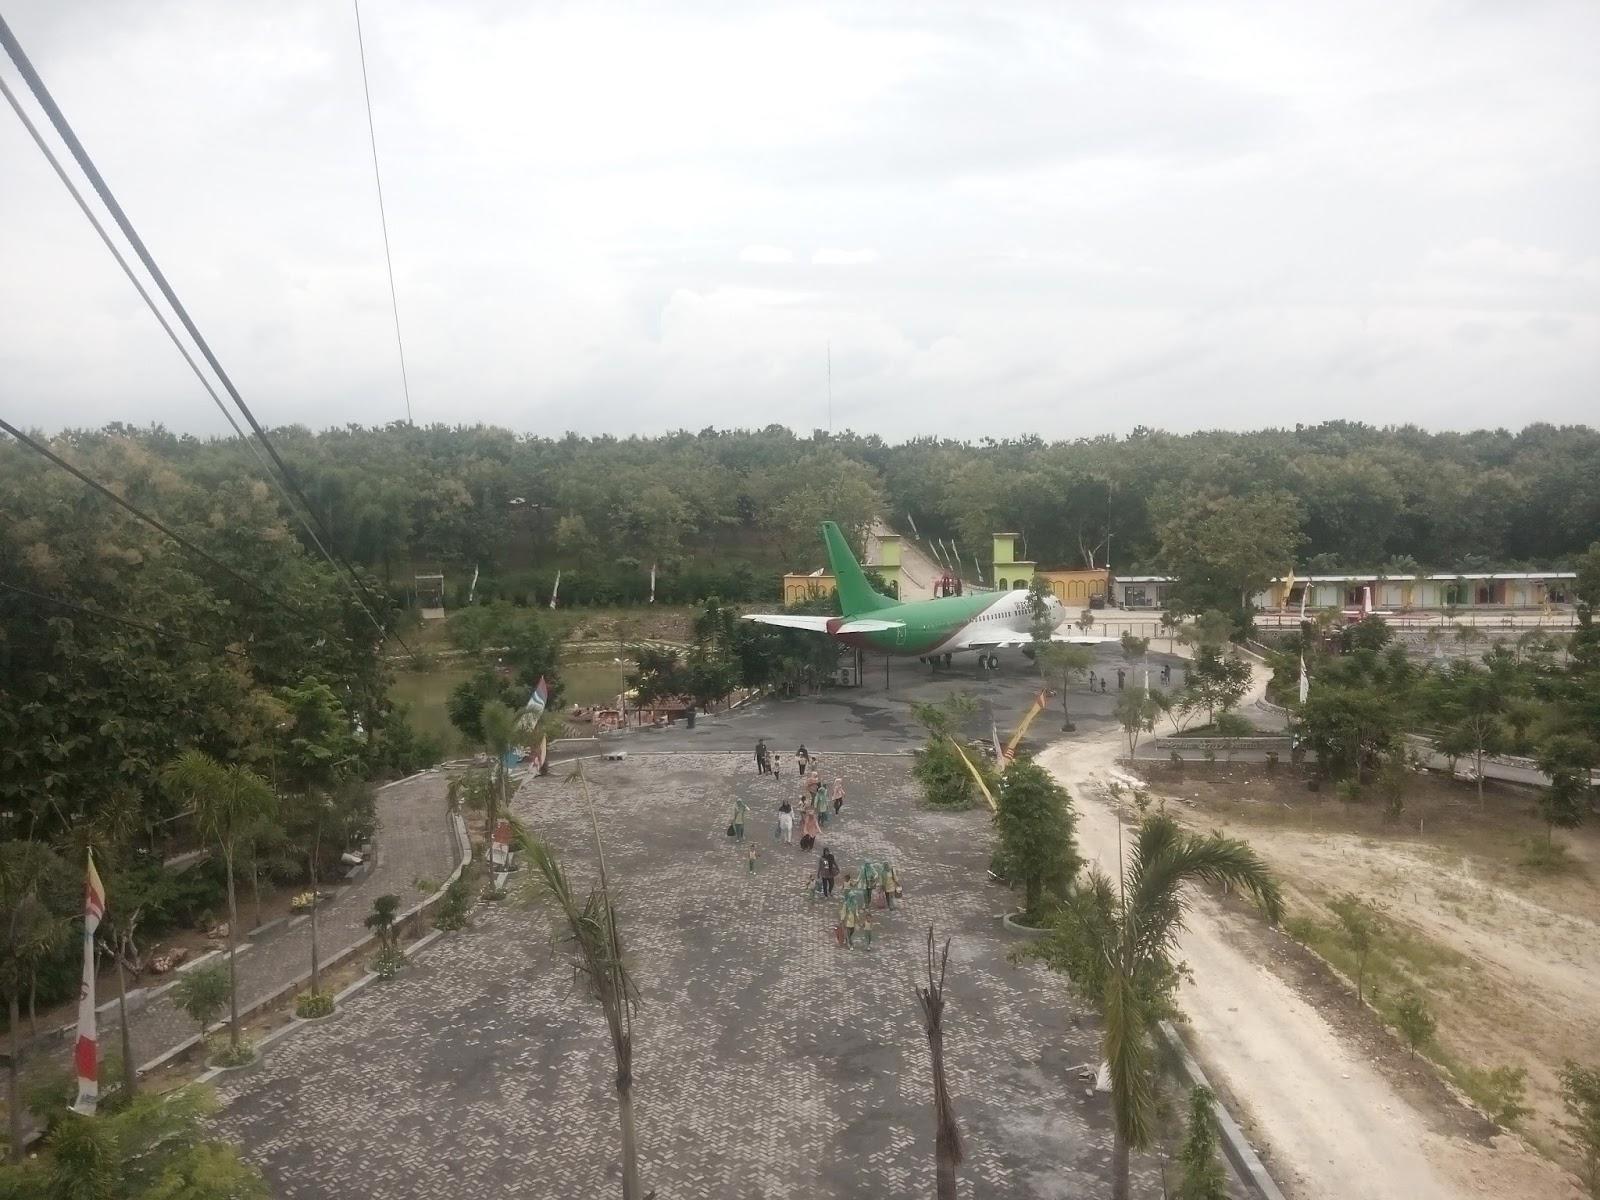 Lokasi Wego Lamongan Wisata Terbaru Unik Banget Setelah Cari Tahu